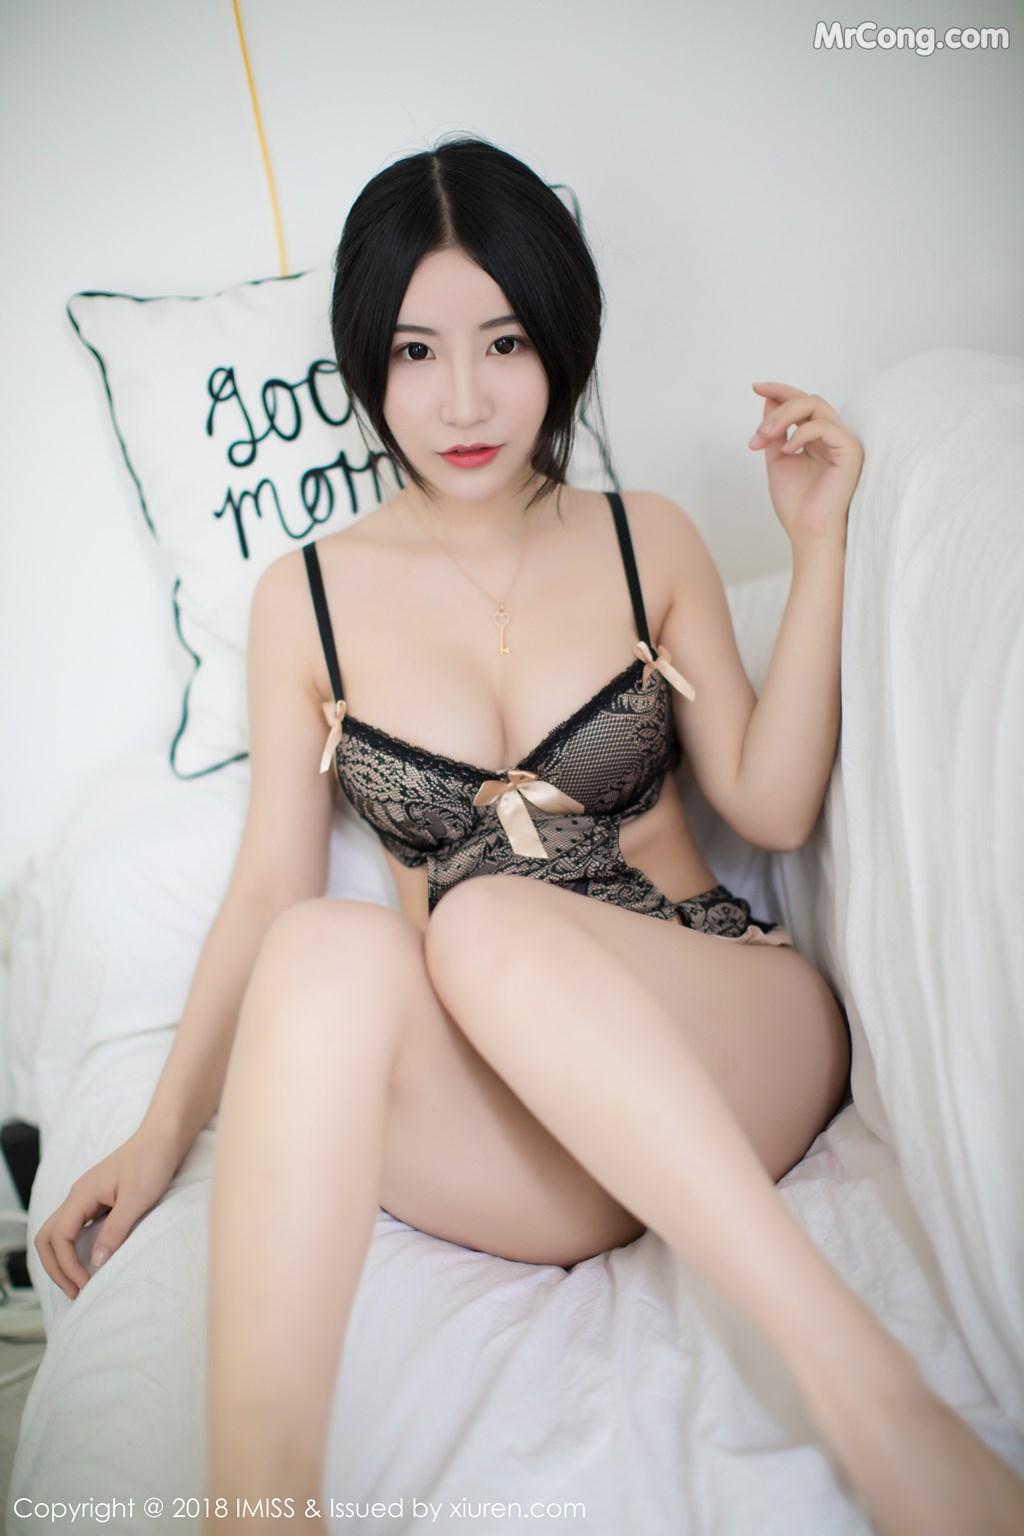 Image IMISS-Vol.249-Cherry-MrCong.com-002 in post IMISS Vol.249: Người mẫu 绯月樱-Cherry (53 ảnh)